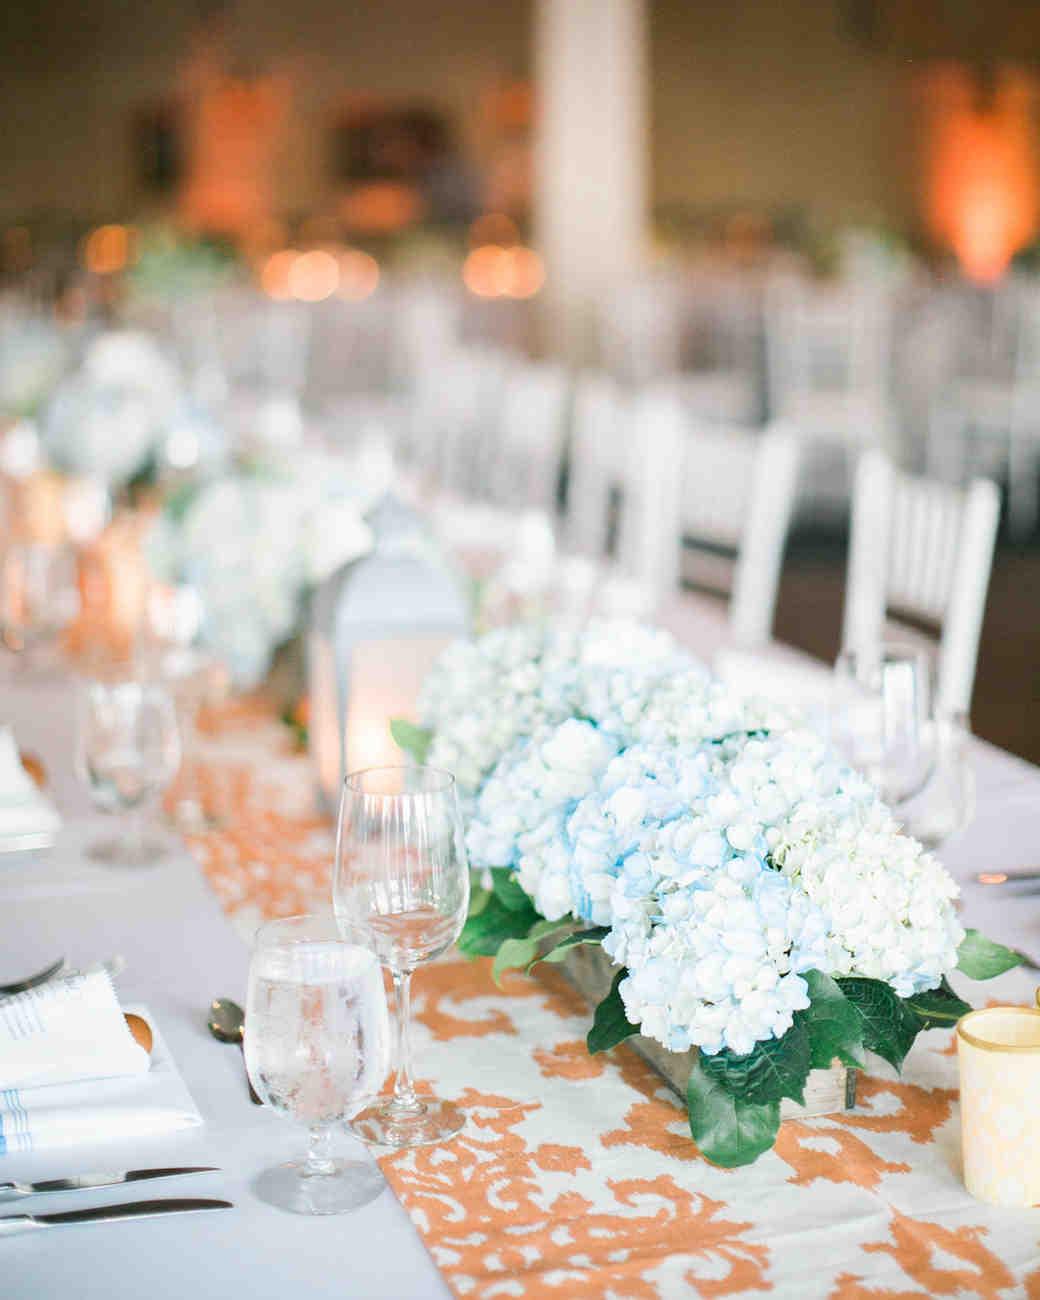 39 simple wedding centerpieces martha stewart weddings decorations for a wedding reception decorations for a rustic wedding reception